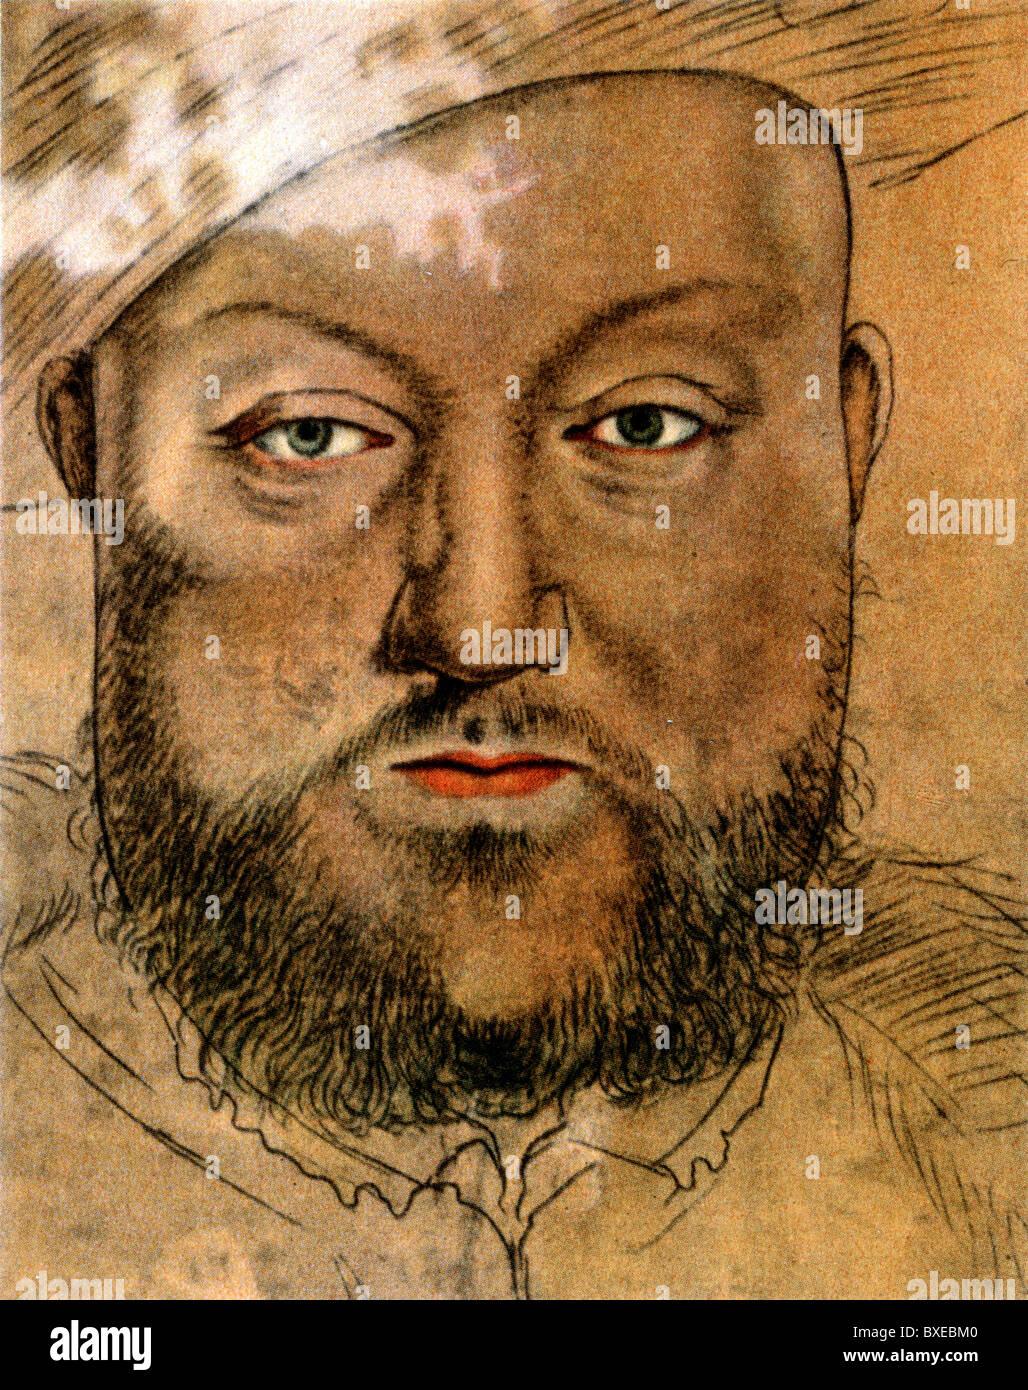 Bosquejo de Hans Holbein el joven; Retrato del Rey Enrique VIII de Inglaterra, ilustración en color. Imagen De Stock